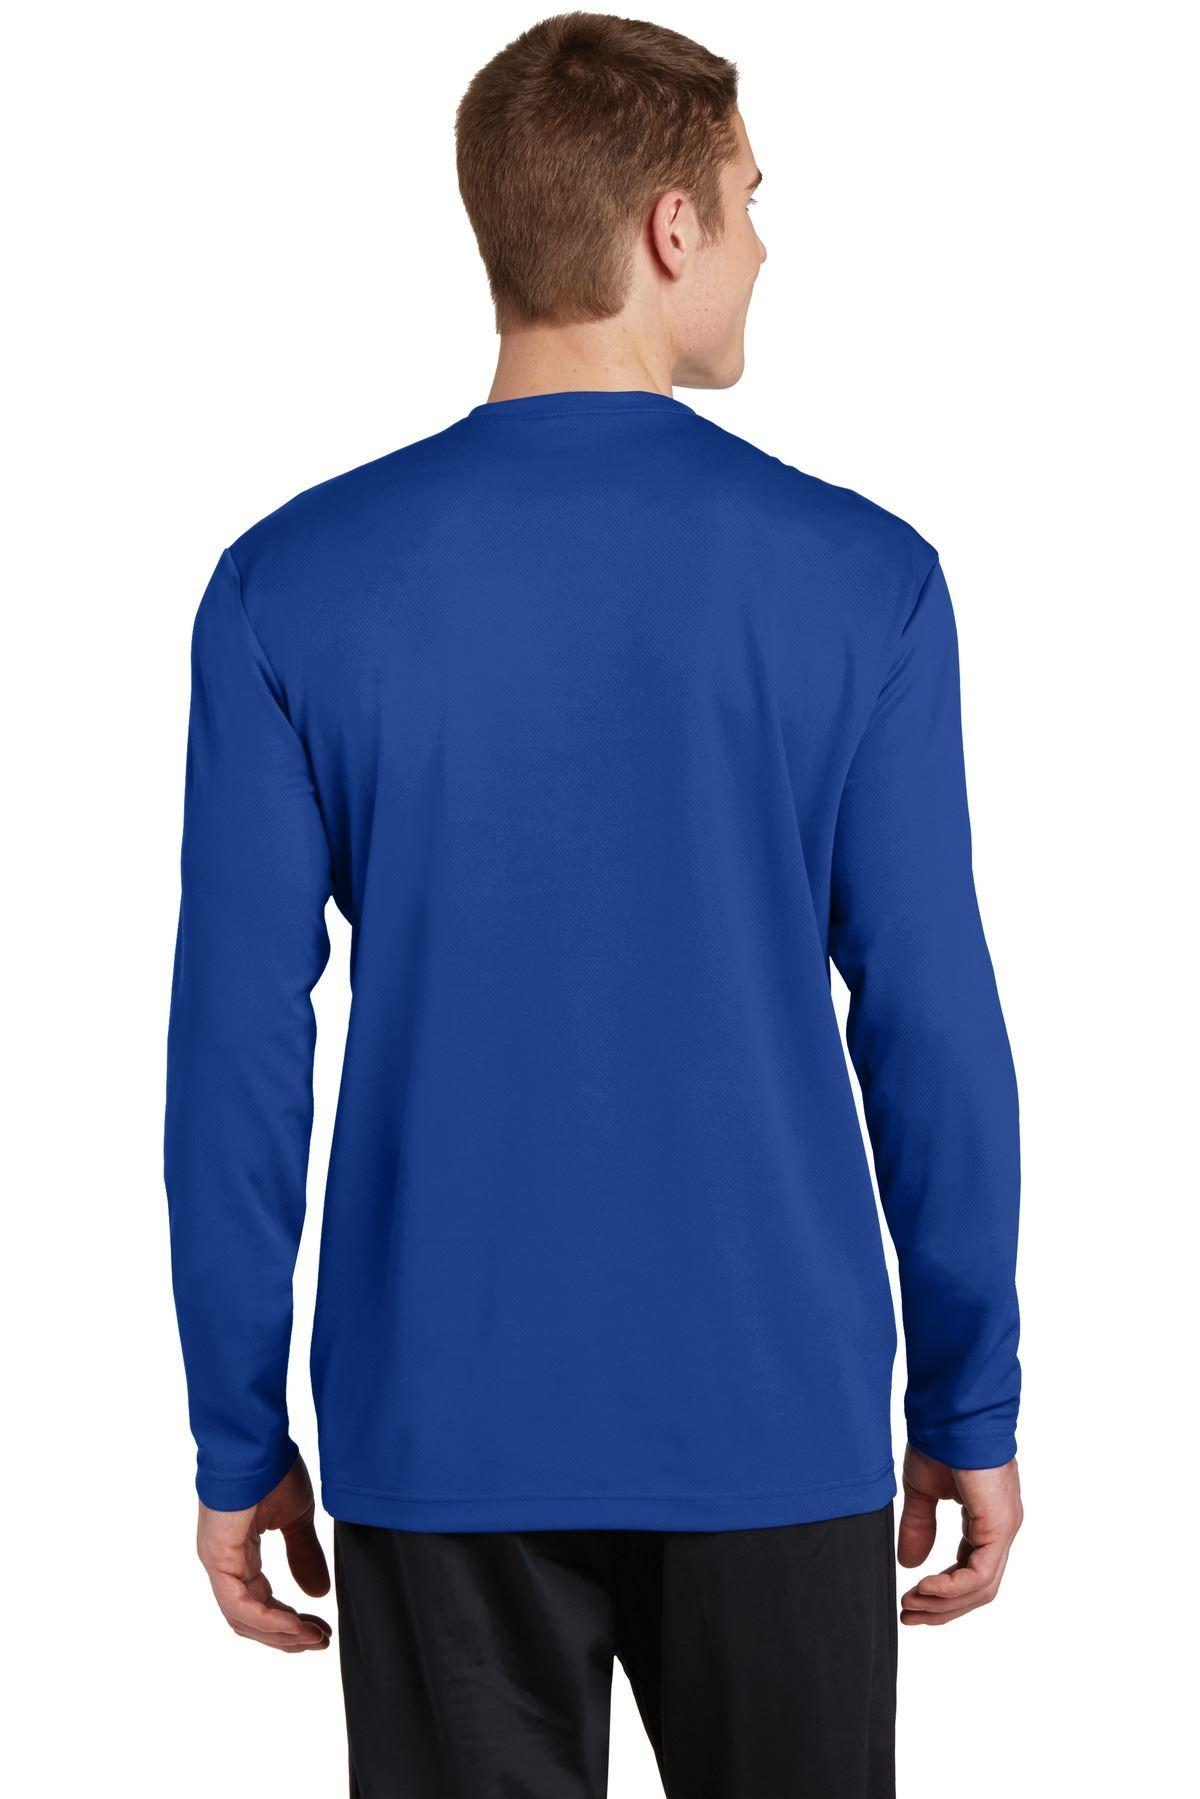 thumbnail 23 - Sport-Tek Men's Dry-Fit RacerMesh Moisture Wicking Long Sleeve T-Shirt ST340LS